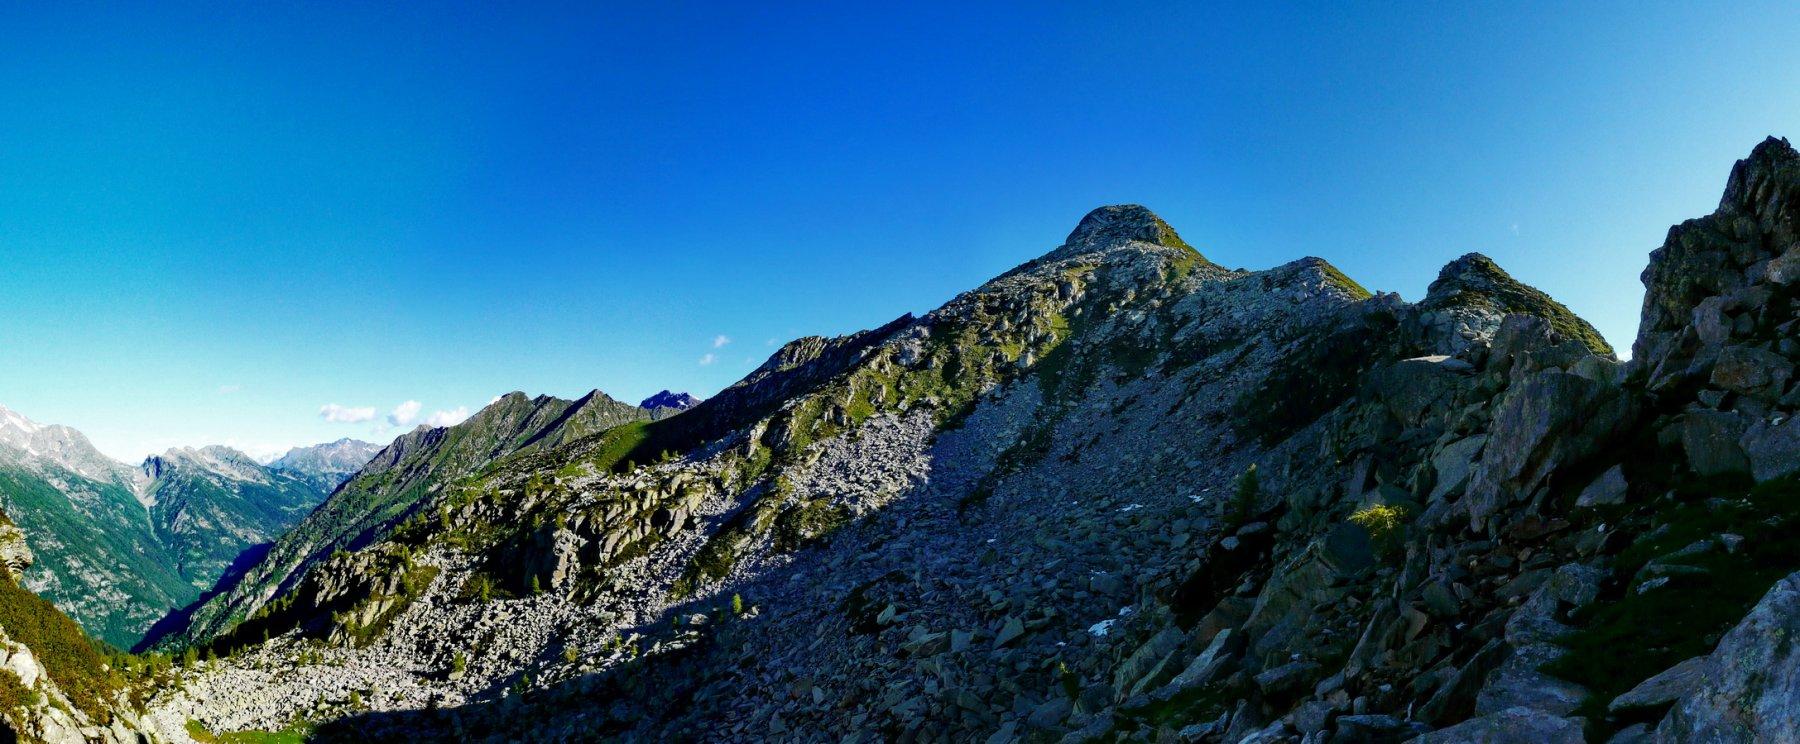 Cresta di salita e cima visti dal colle Piccola Mologna